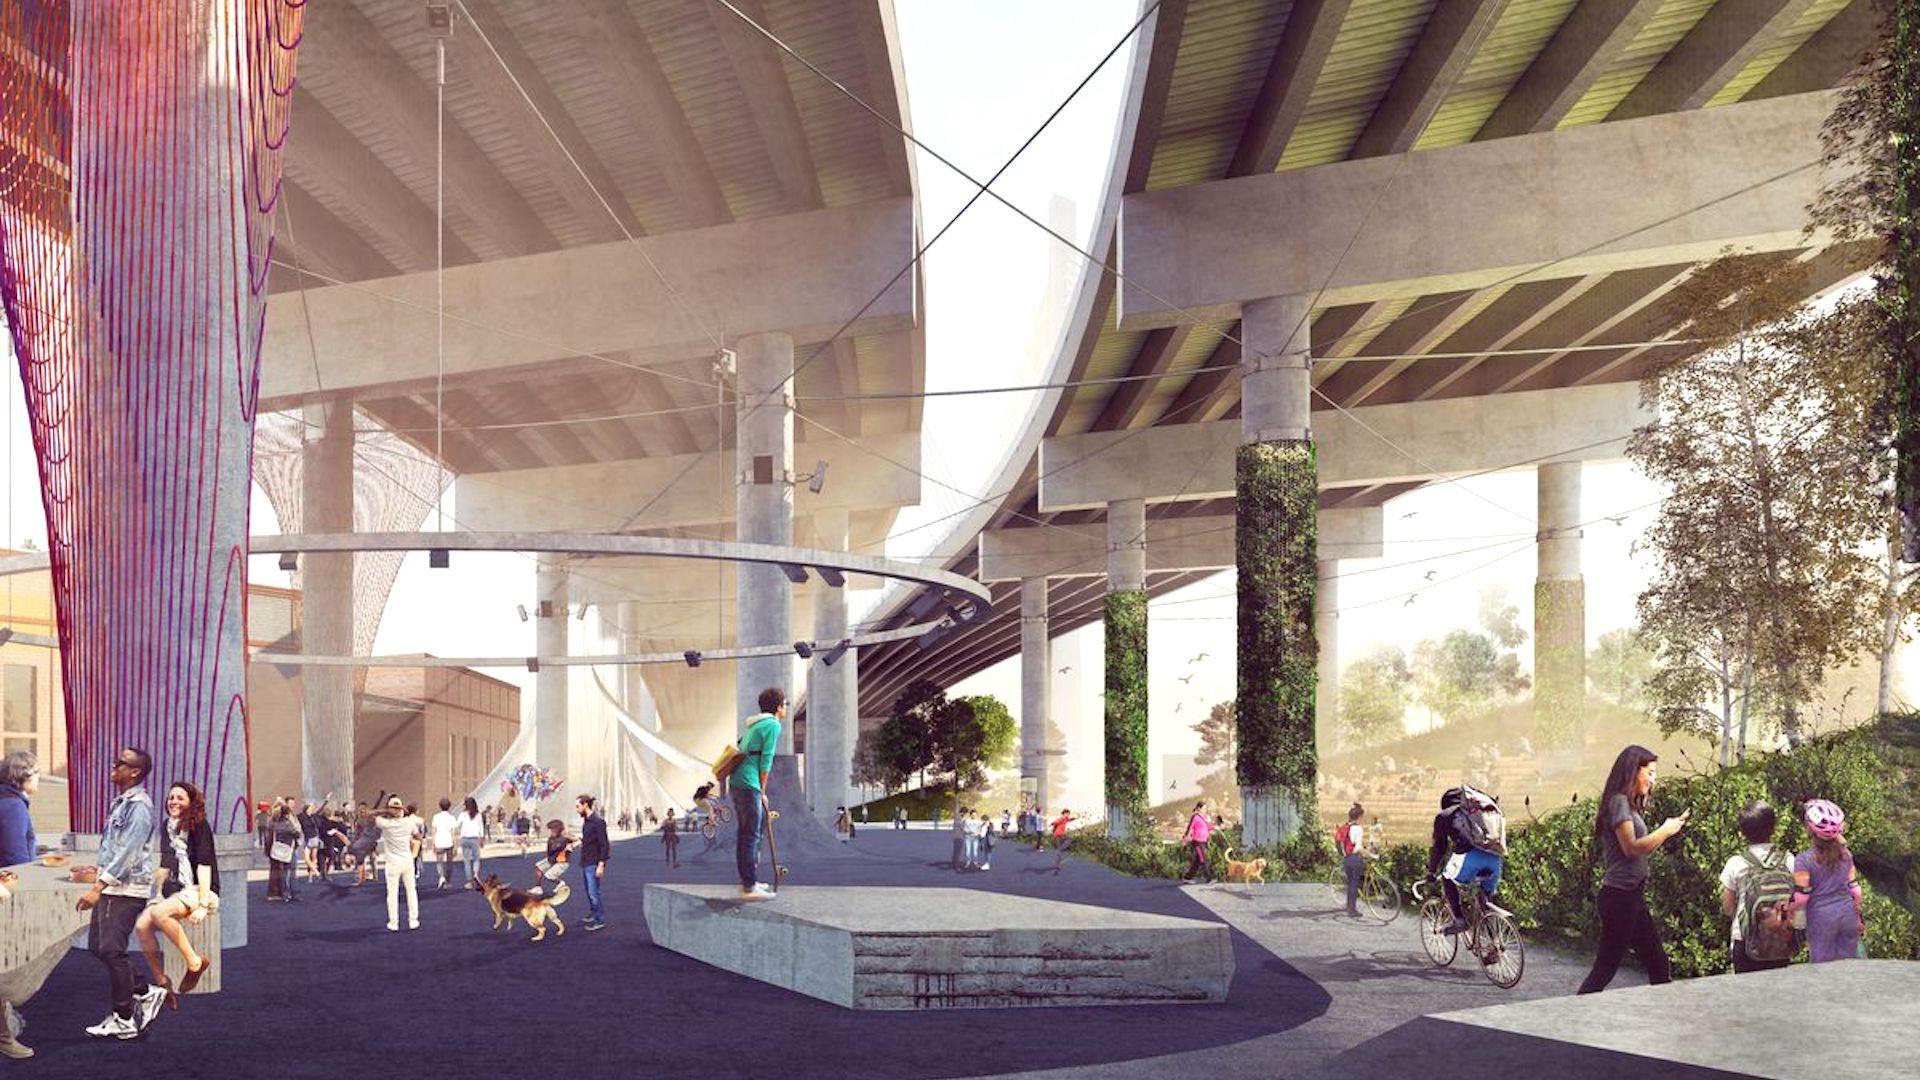 Nueva York tendrá un nuevo parque debajo del puente Kosciuszko